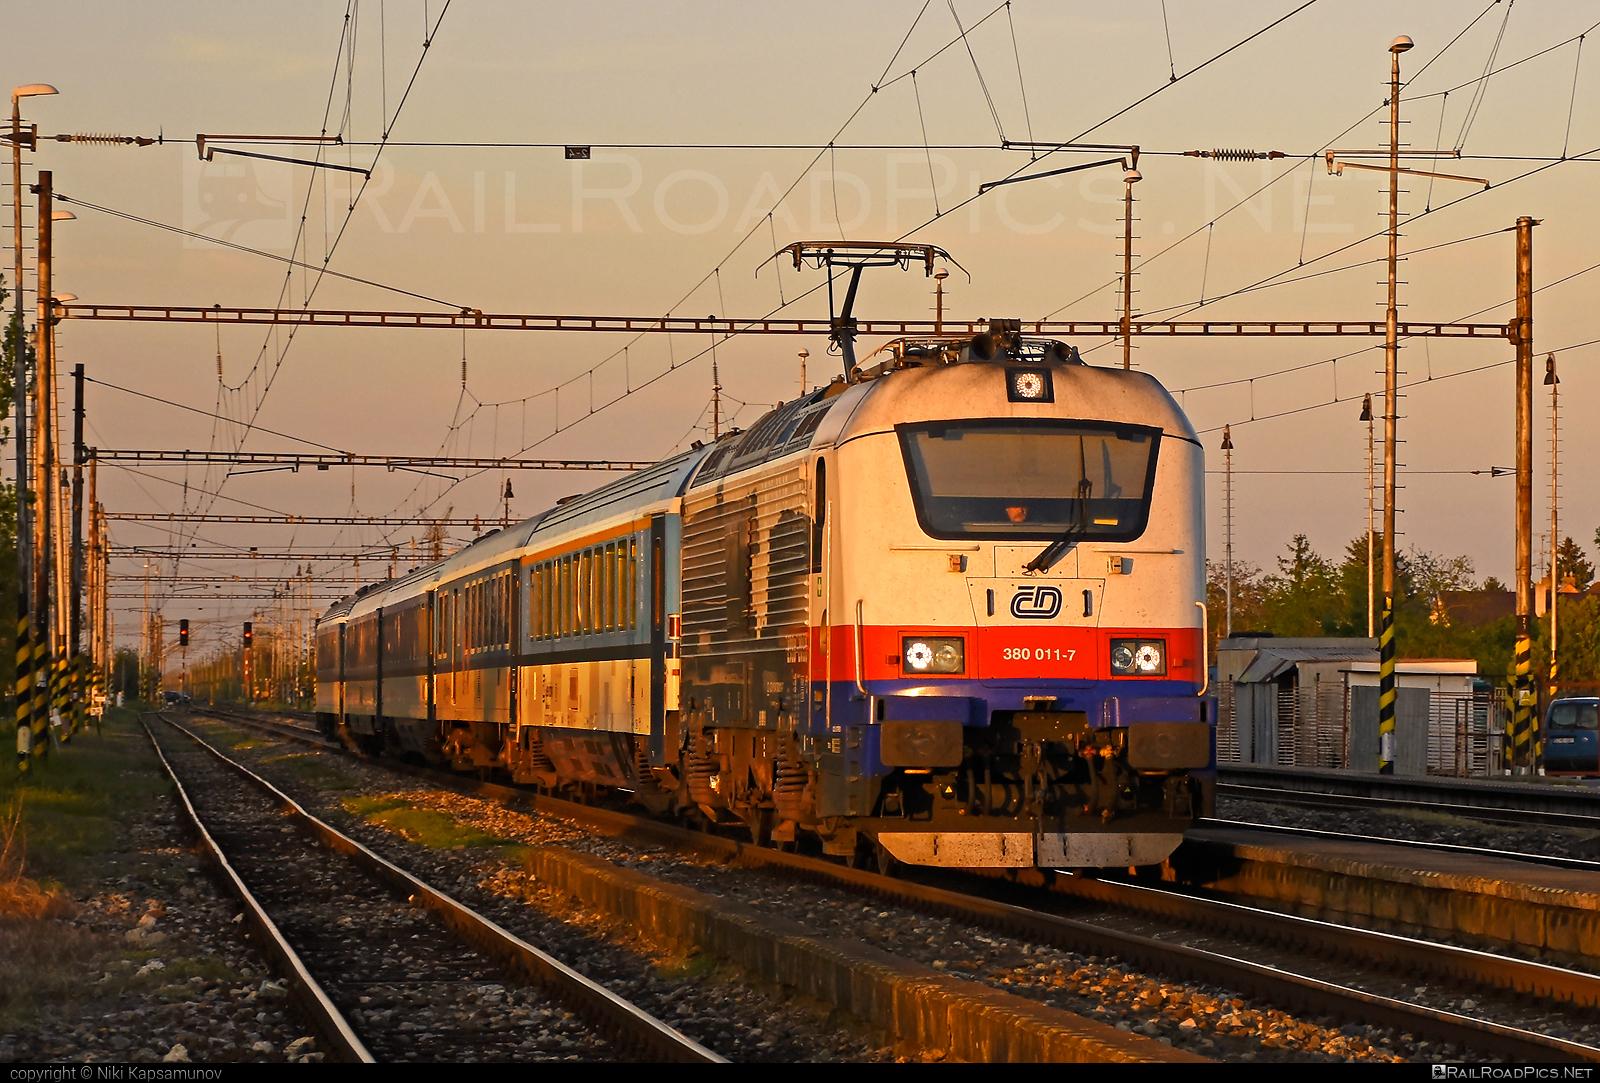 Škoda 109E1 Emil Zátopek - 380 011-7 operated by České dráhy, a.s. #cd #ceskedrahy #emilzatopeklocomotive #locomotive380 #metropolitan #skoda #skoda109e #skoda109elocomotive